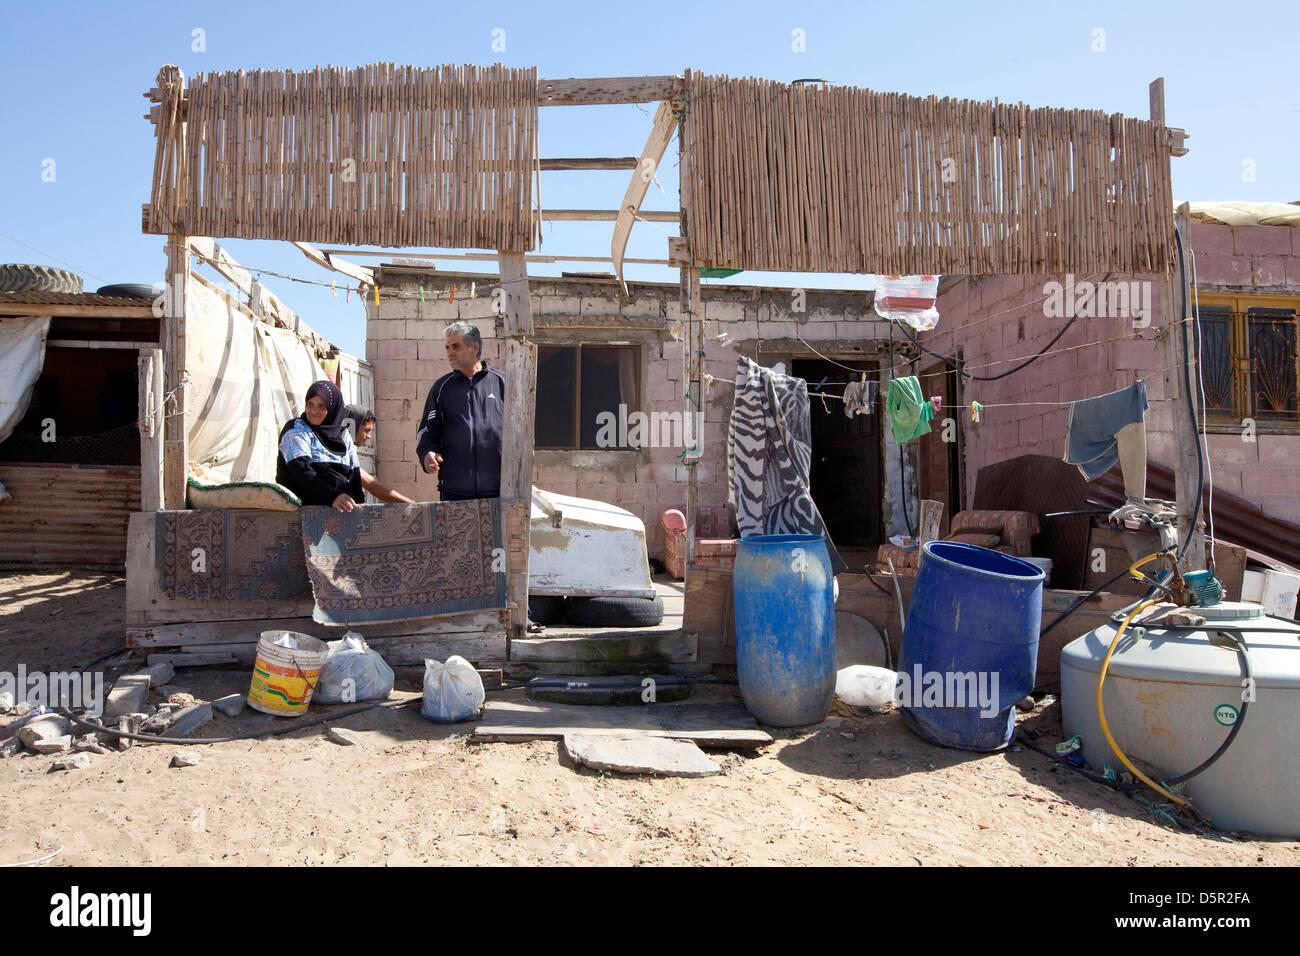 Jal El Bahr Palestinian refugee settlement, Tyr, Lebanon - Stock Image